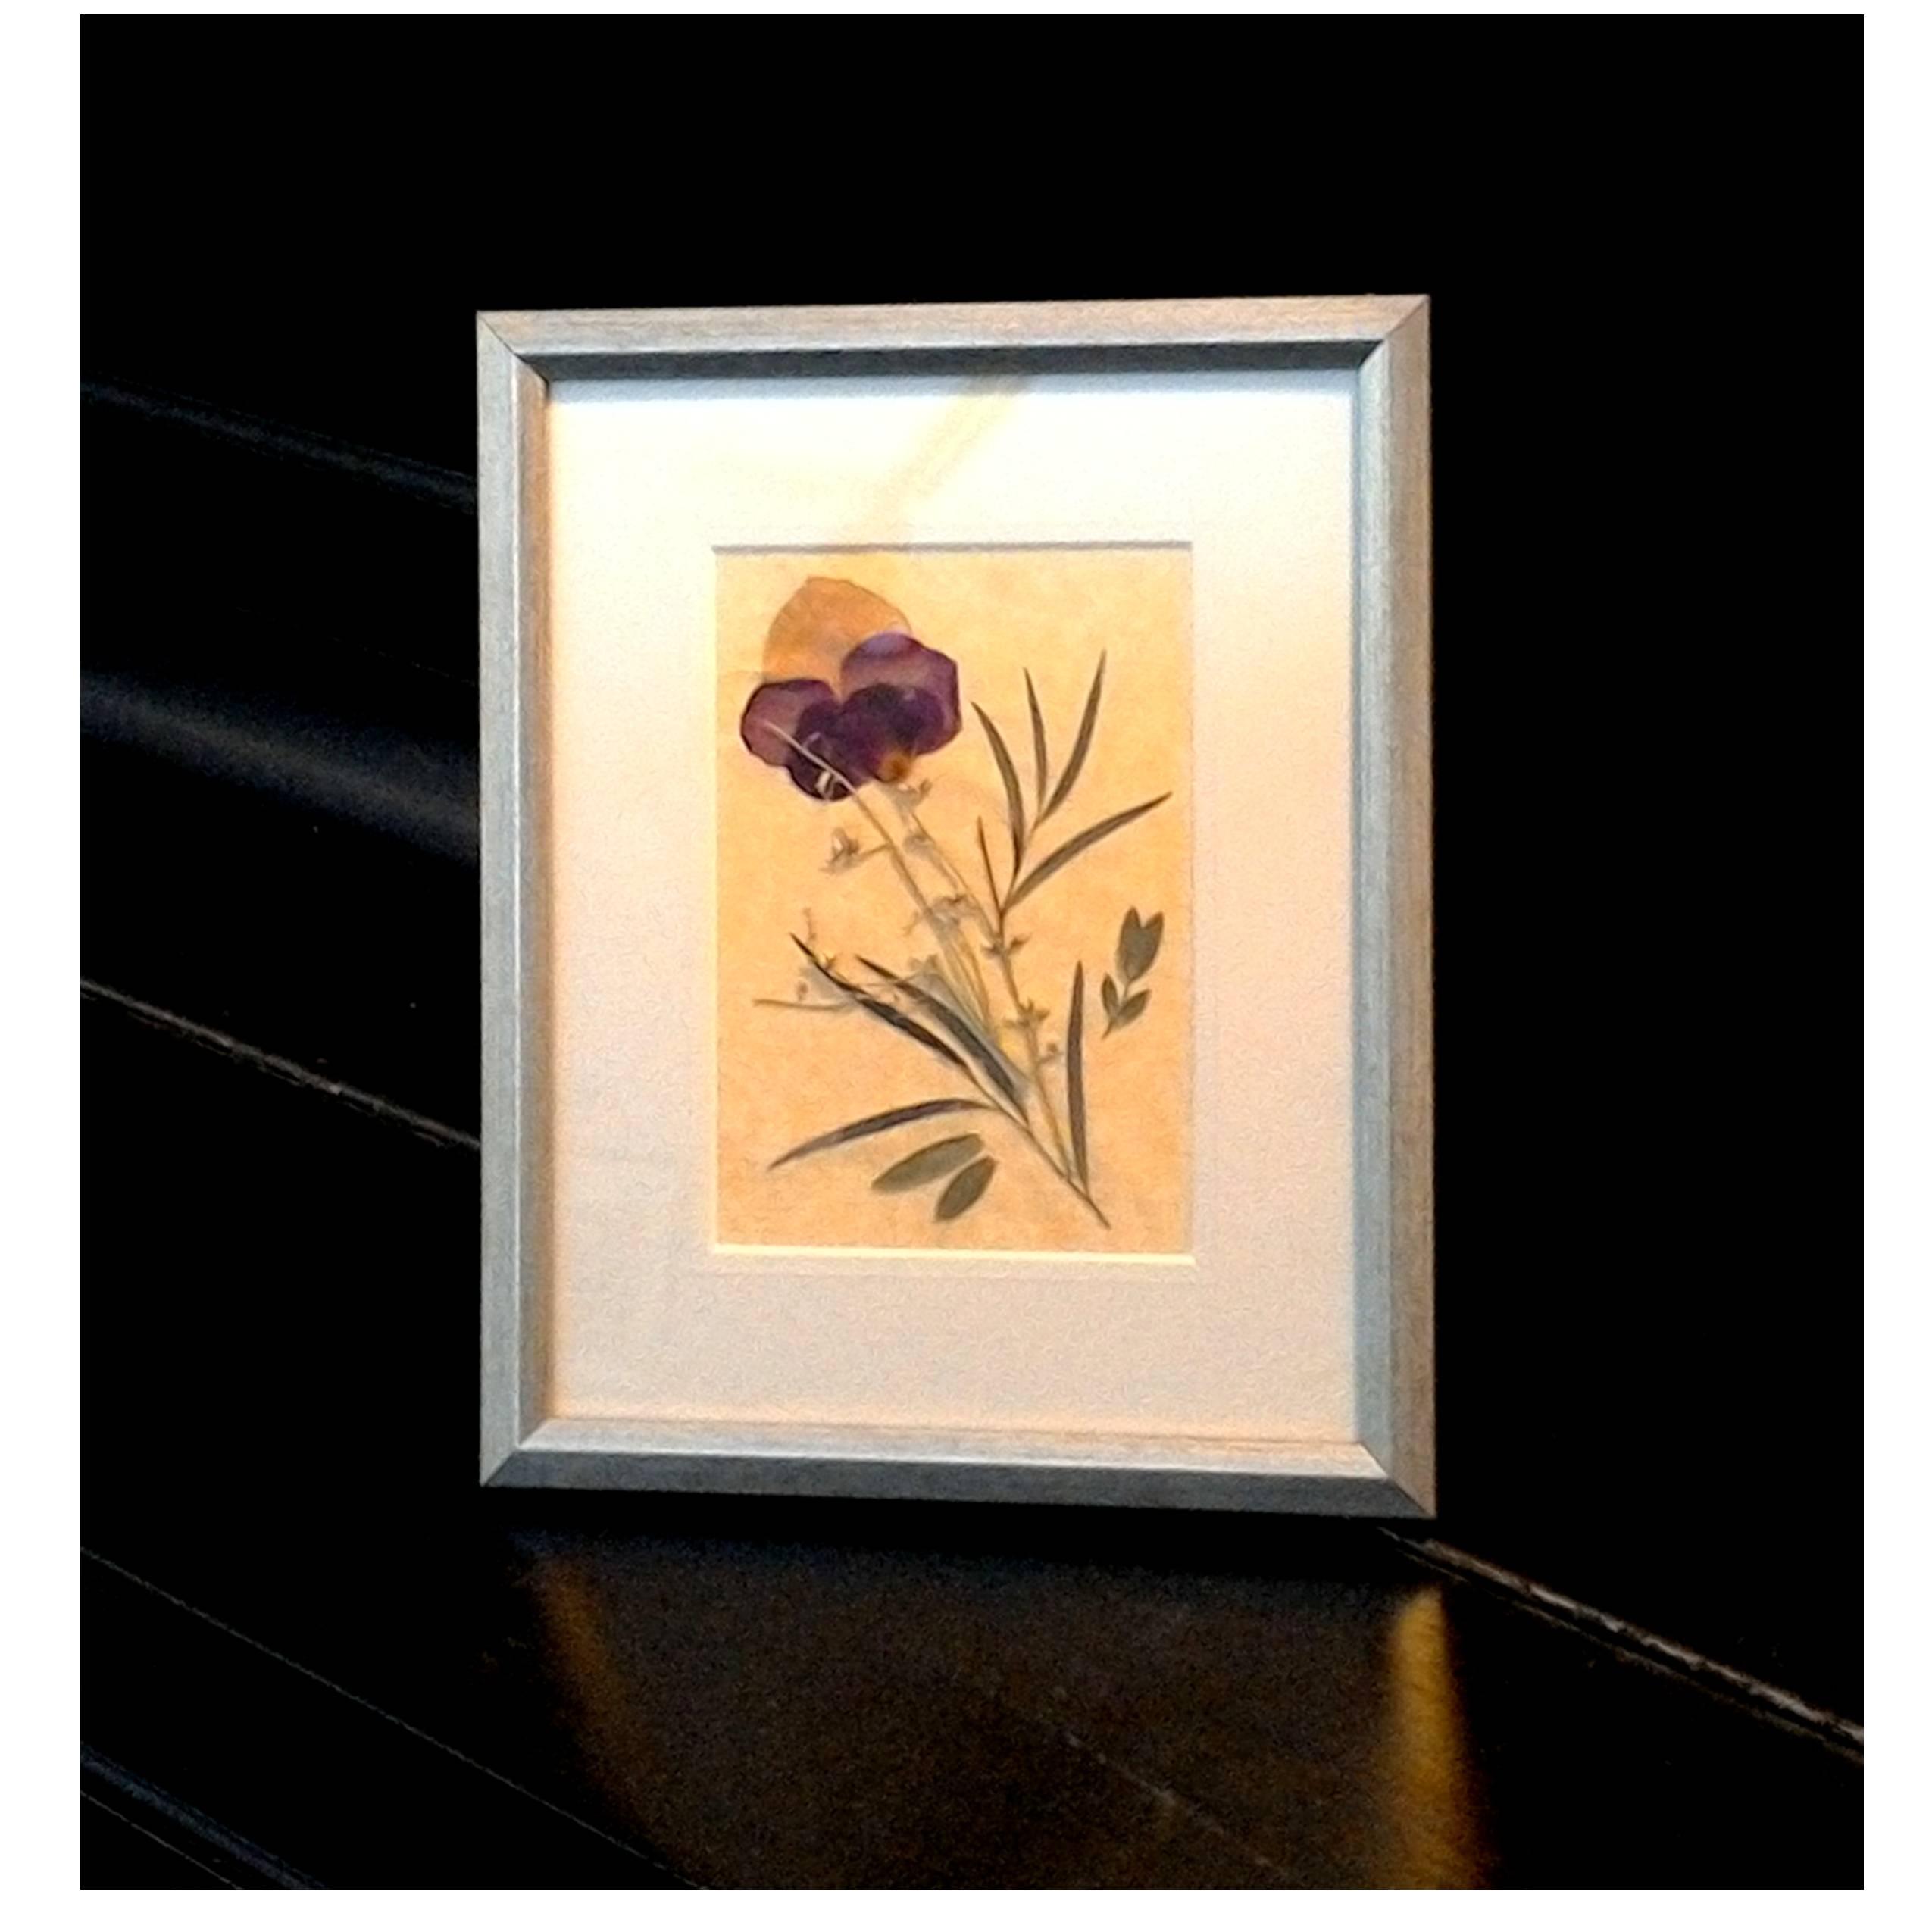 pressedflowers_juliebouquet